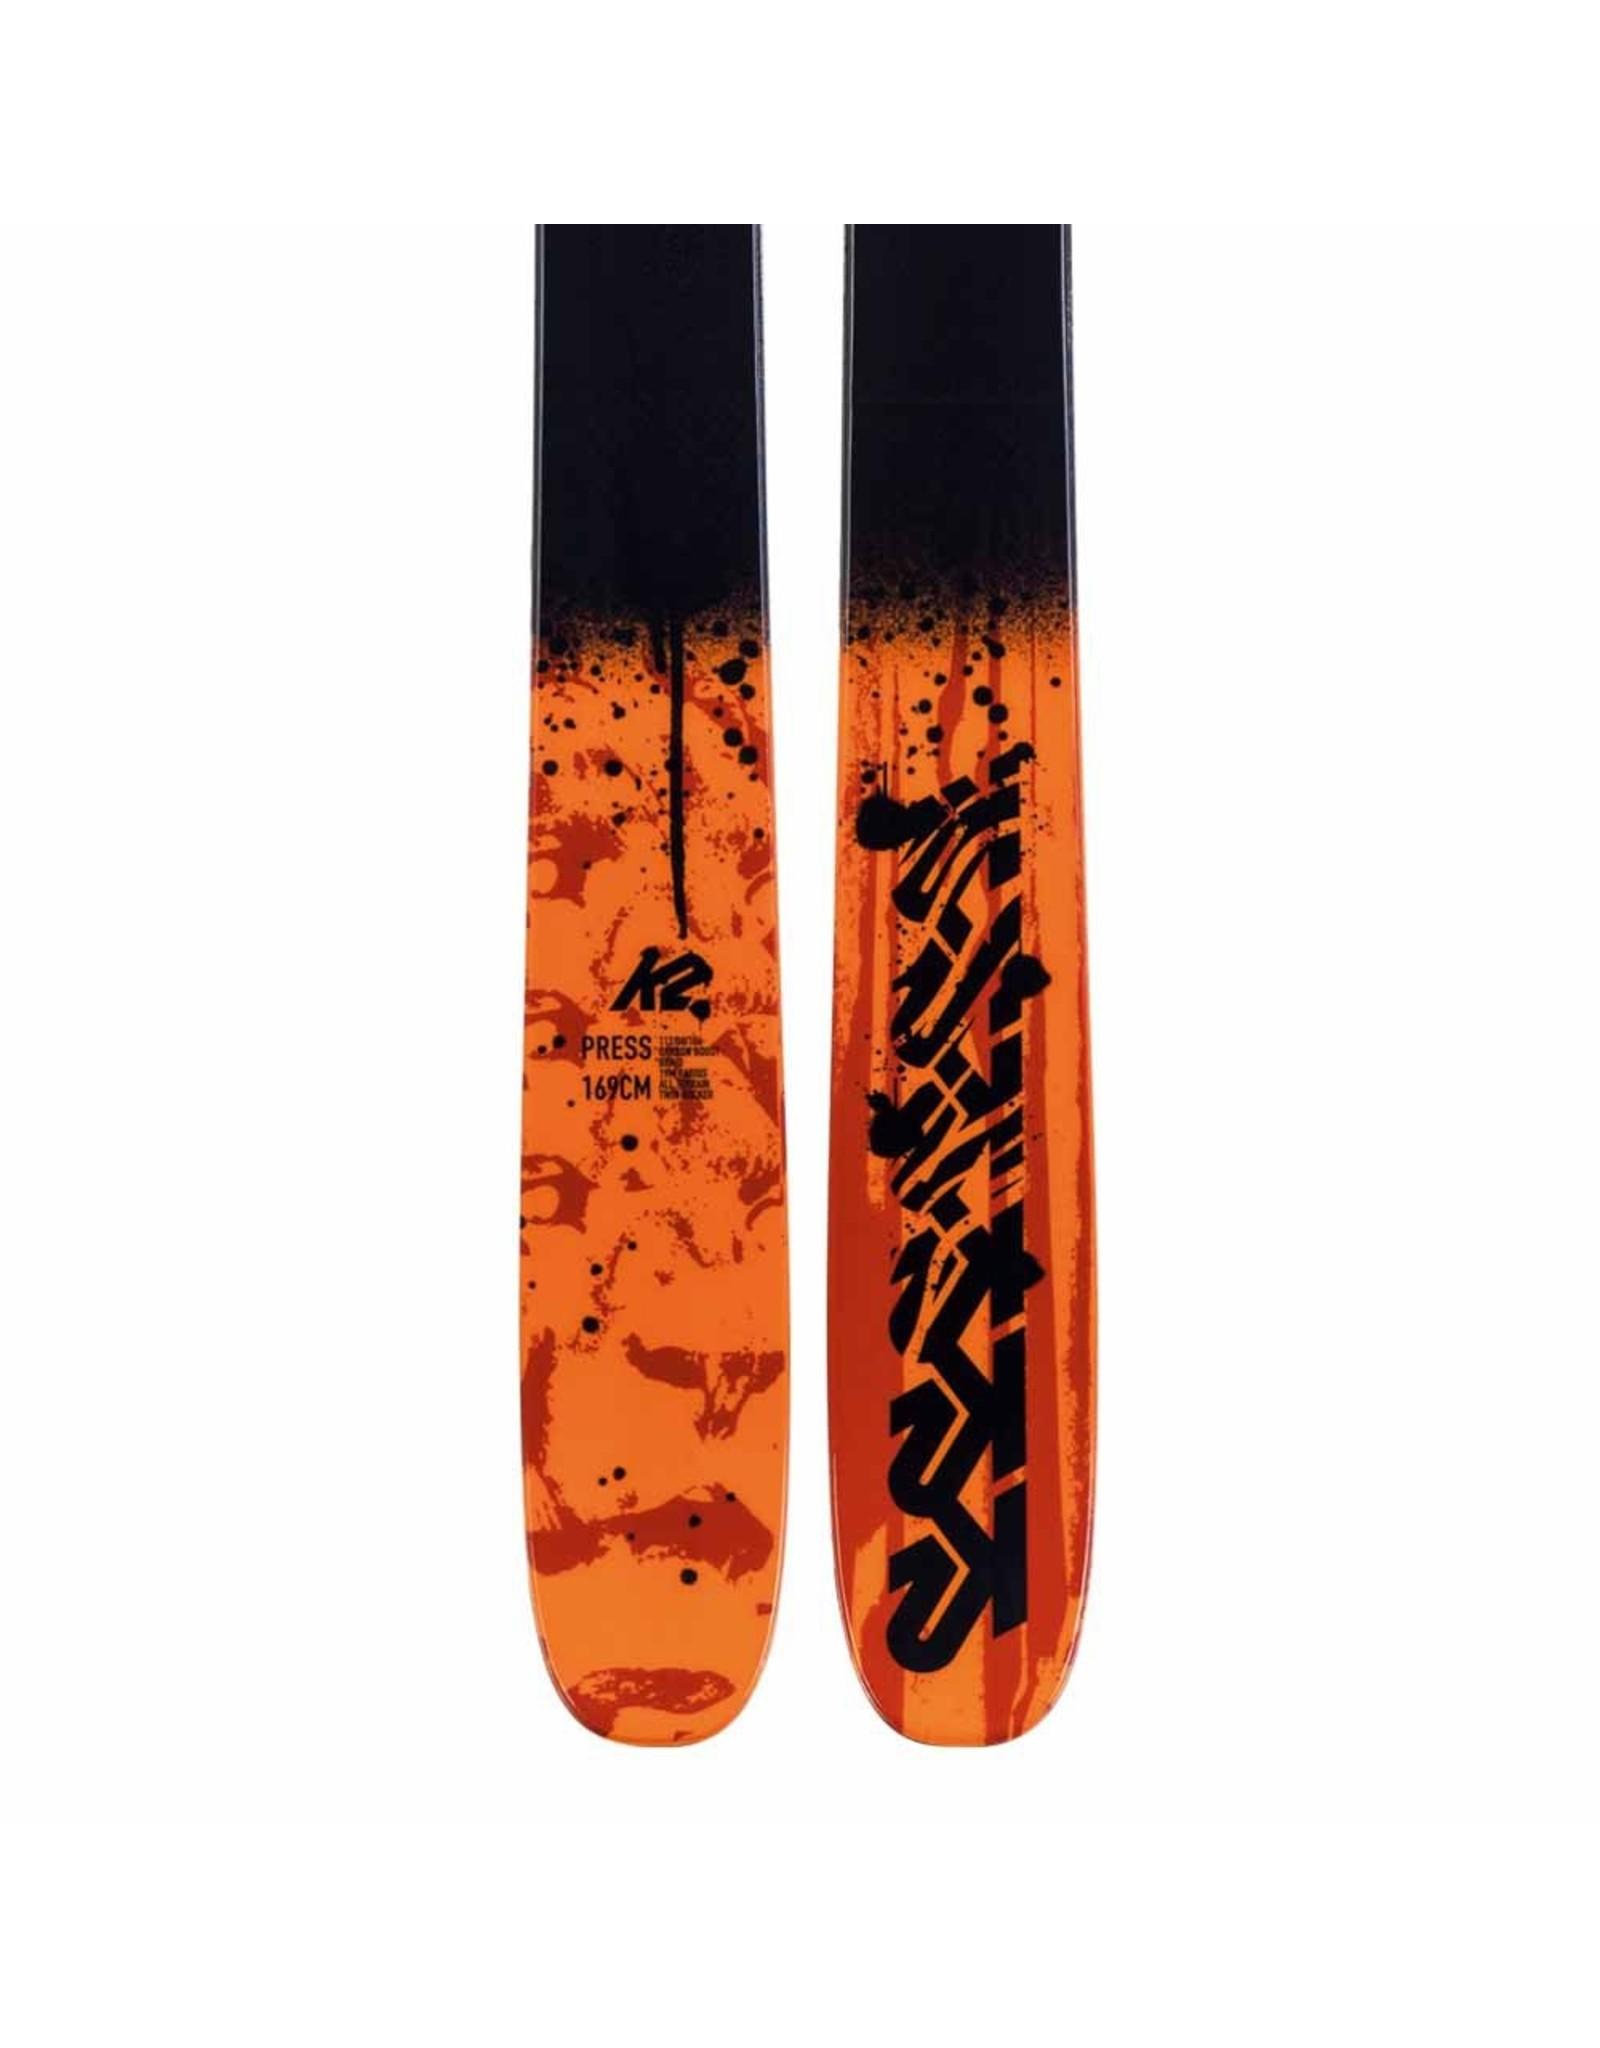 K2  K2 F19 PRESS freestyle alpine ski